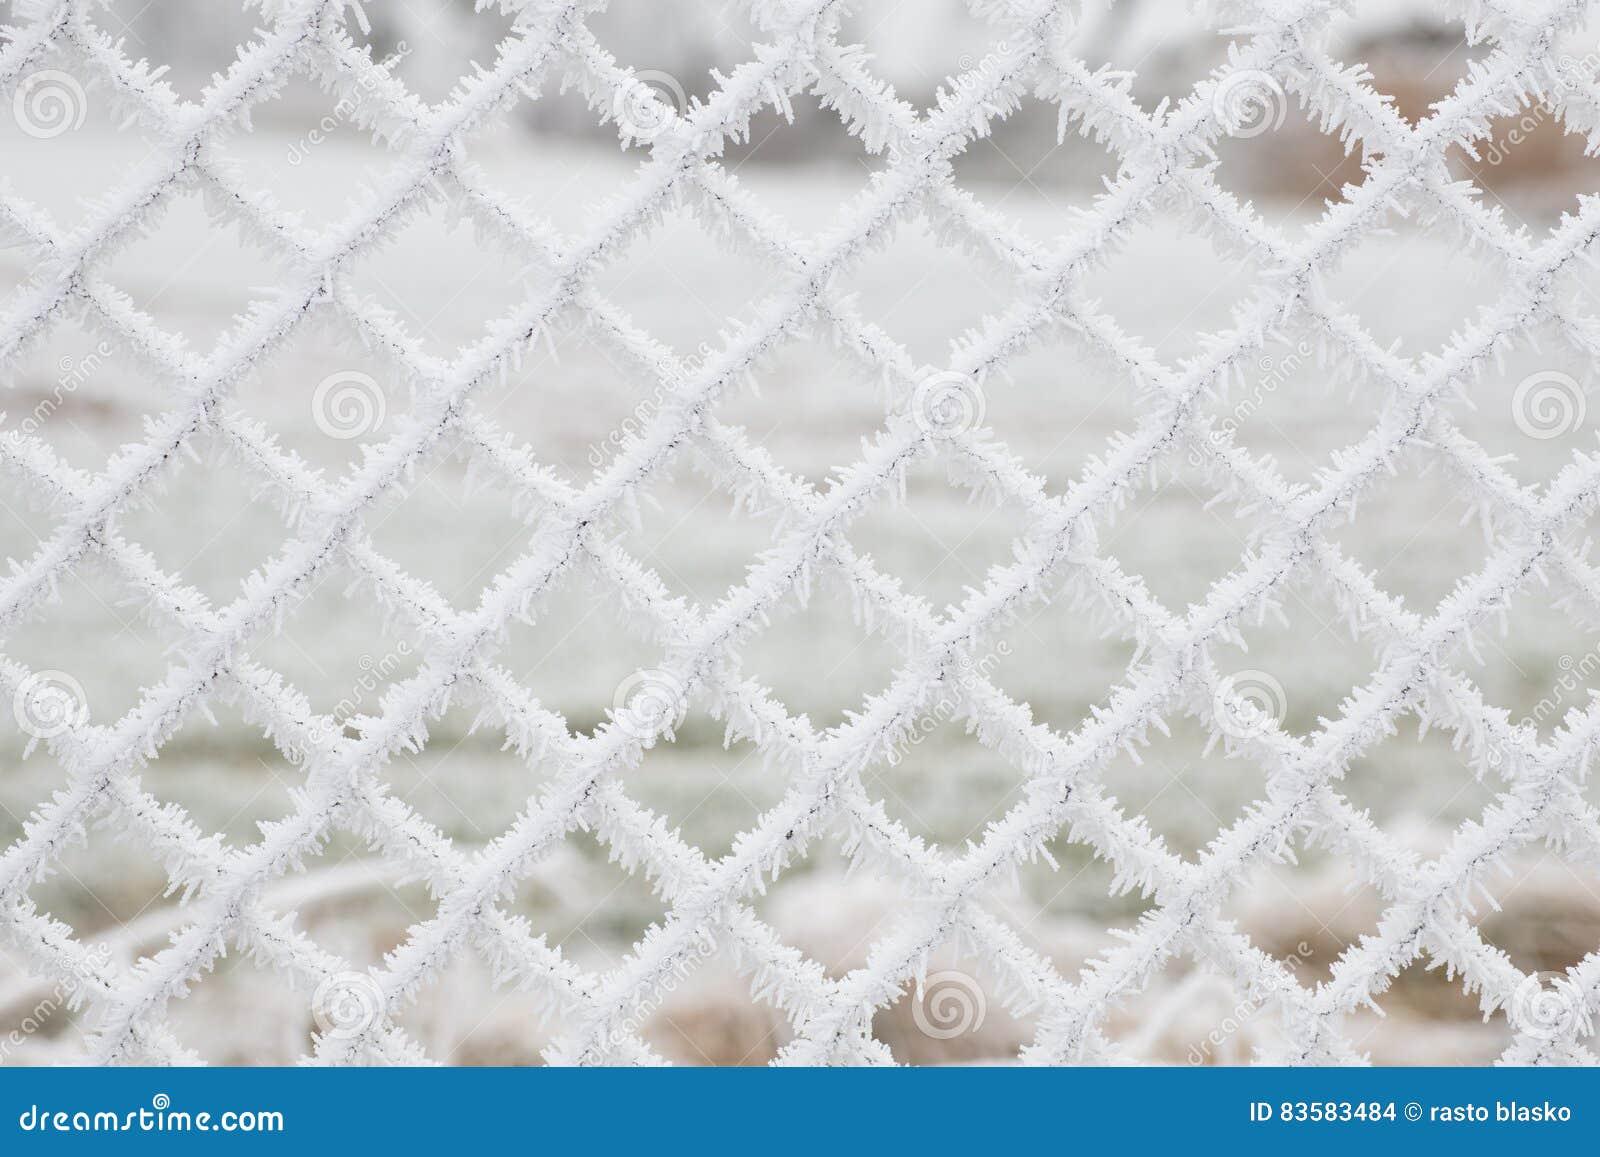 Белый, который замерли снег шелушится предпосылка